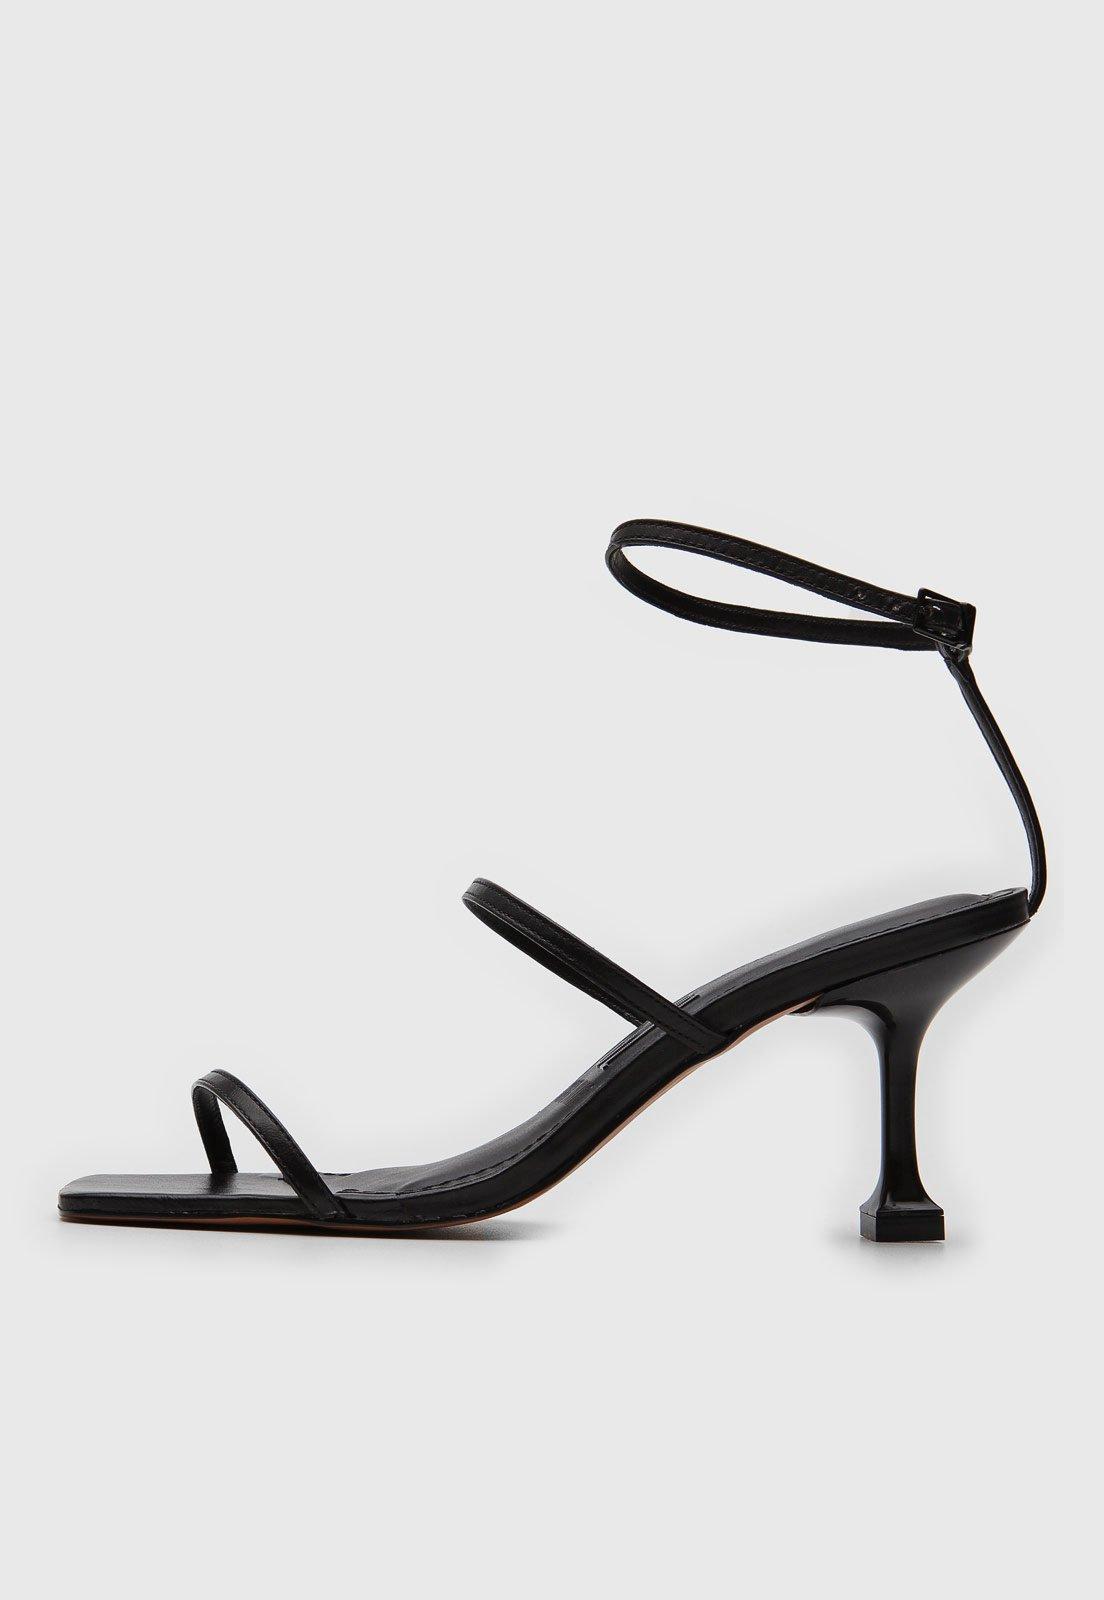 Sandália de tiras pretas, da Santa Lolla